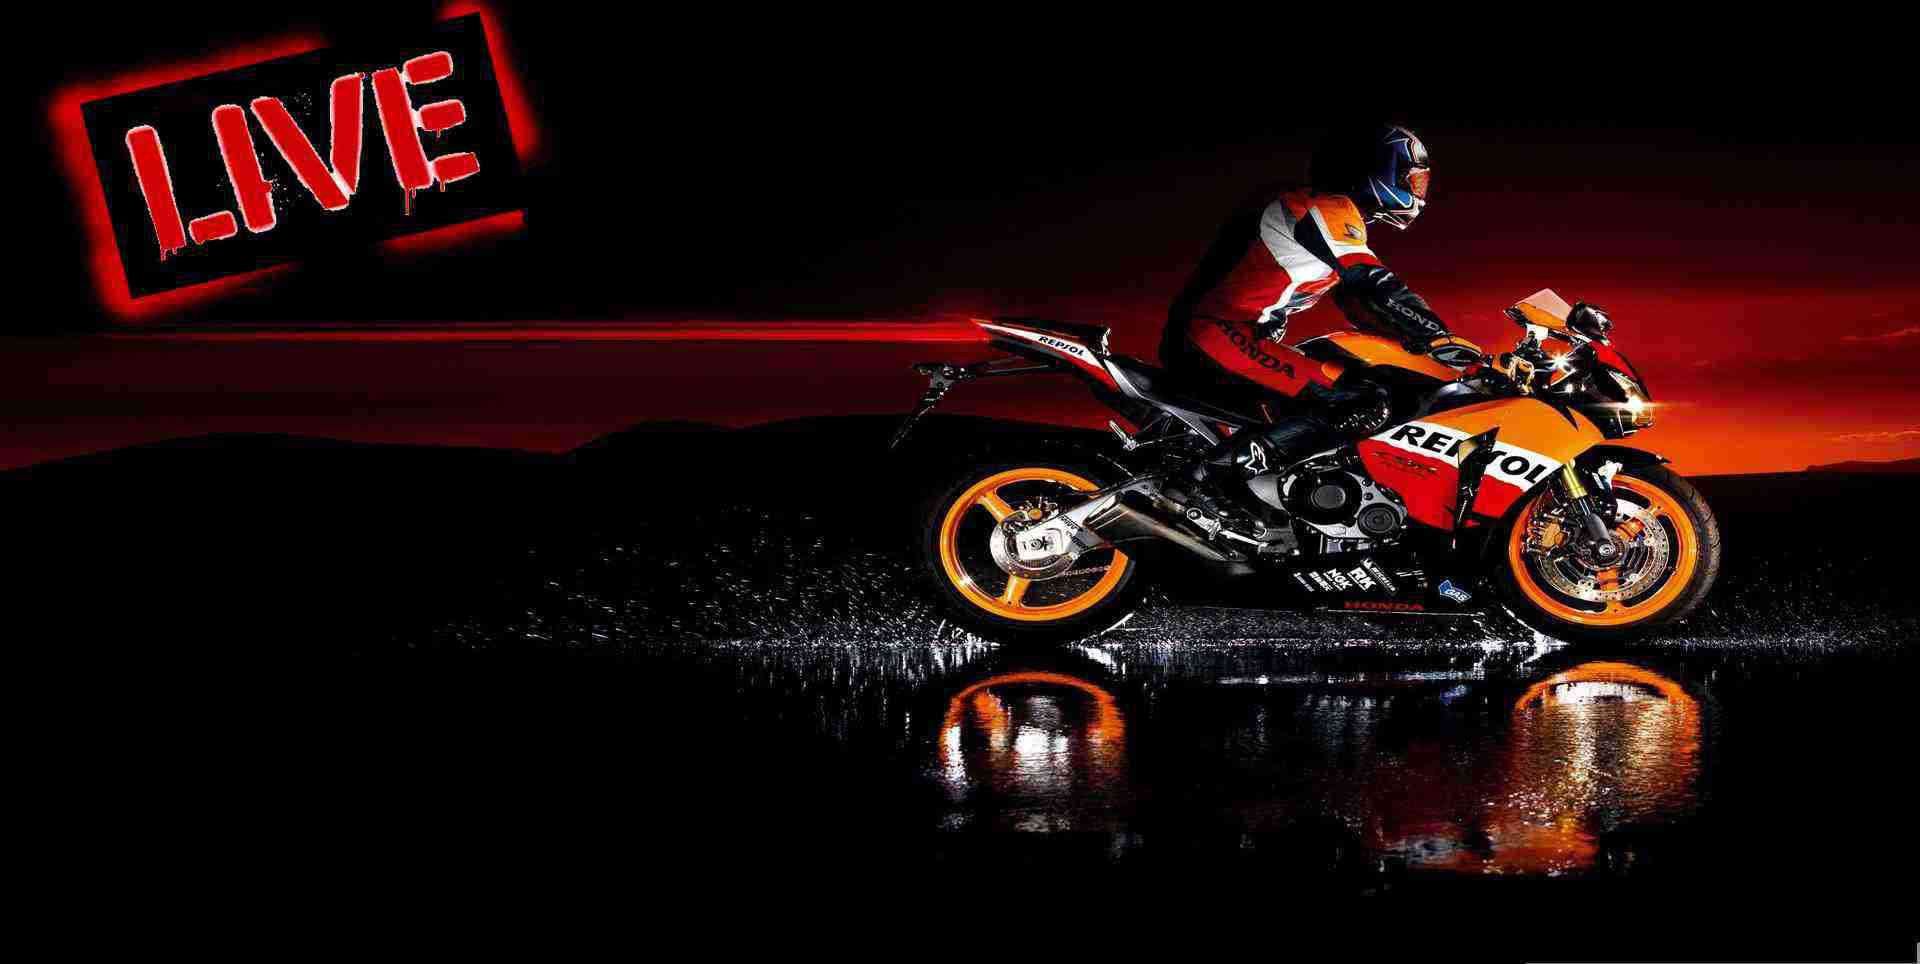 Watch Motogp Motul TT Assen 2015 Live